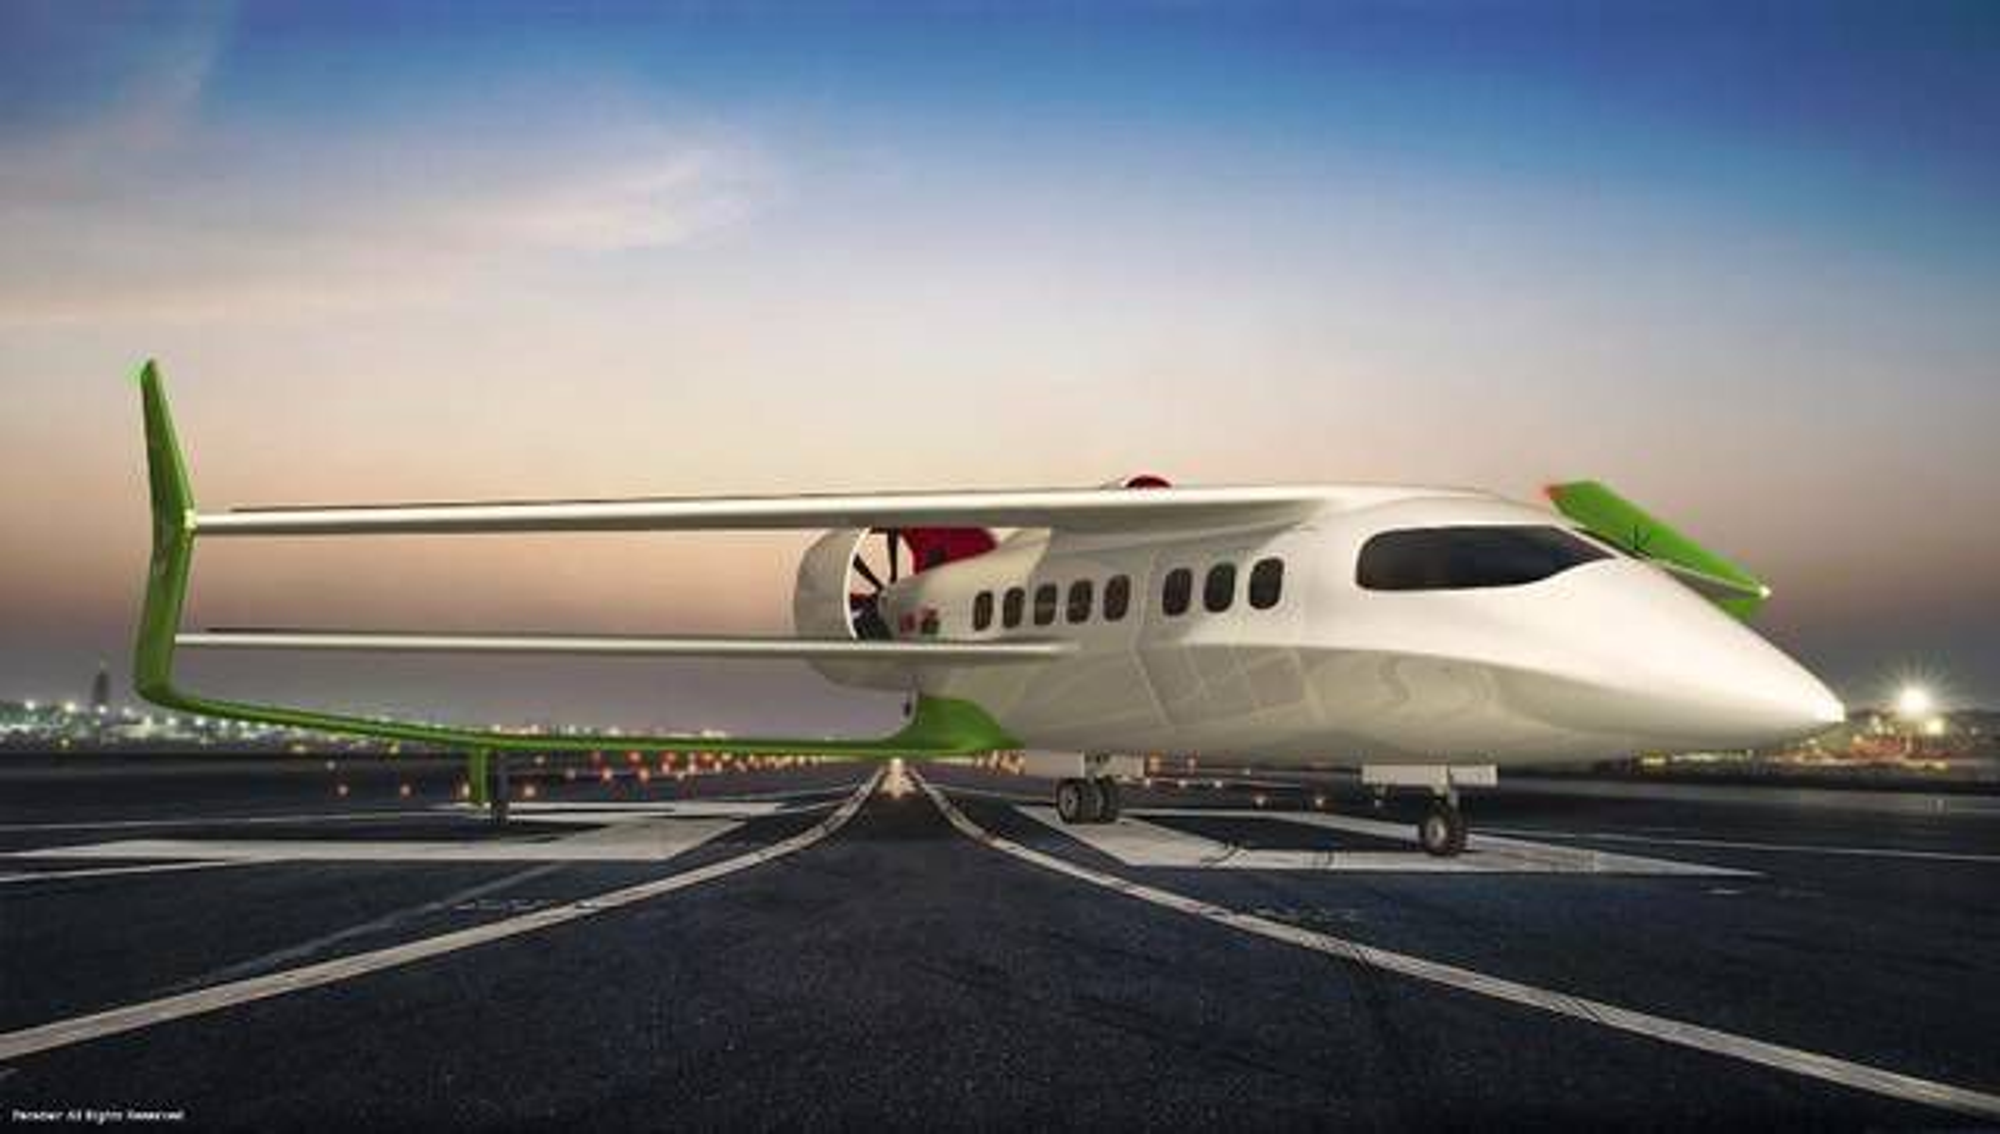 Hybridflyets trippelvinge-konstruksjon, «triple box-wing», gir en løftekraft som gjør det mulig å ta av og lande på mindre enn 300 meter, ifølge Faradair.